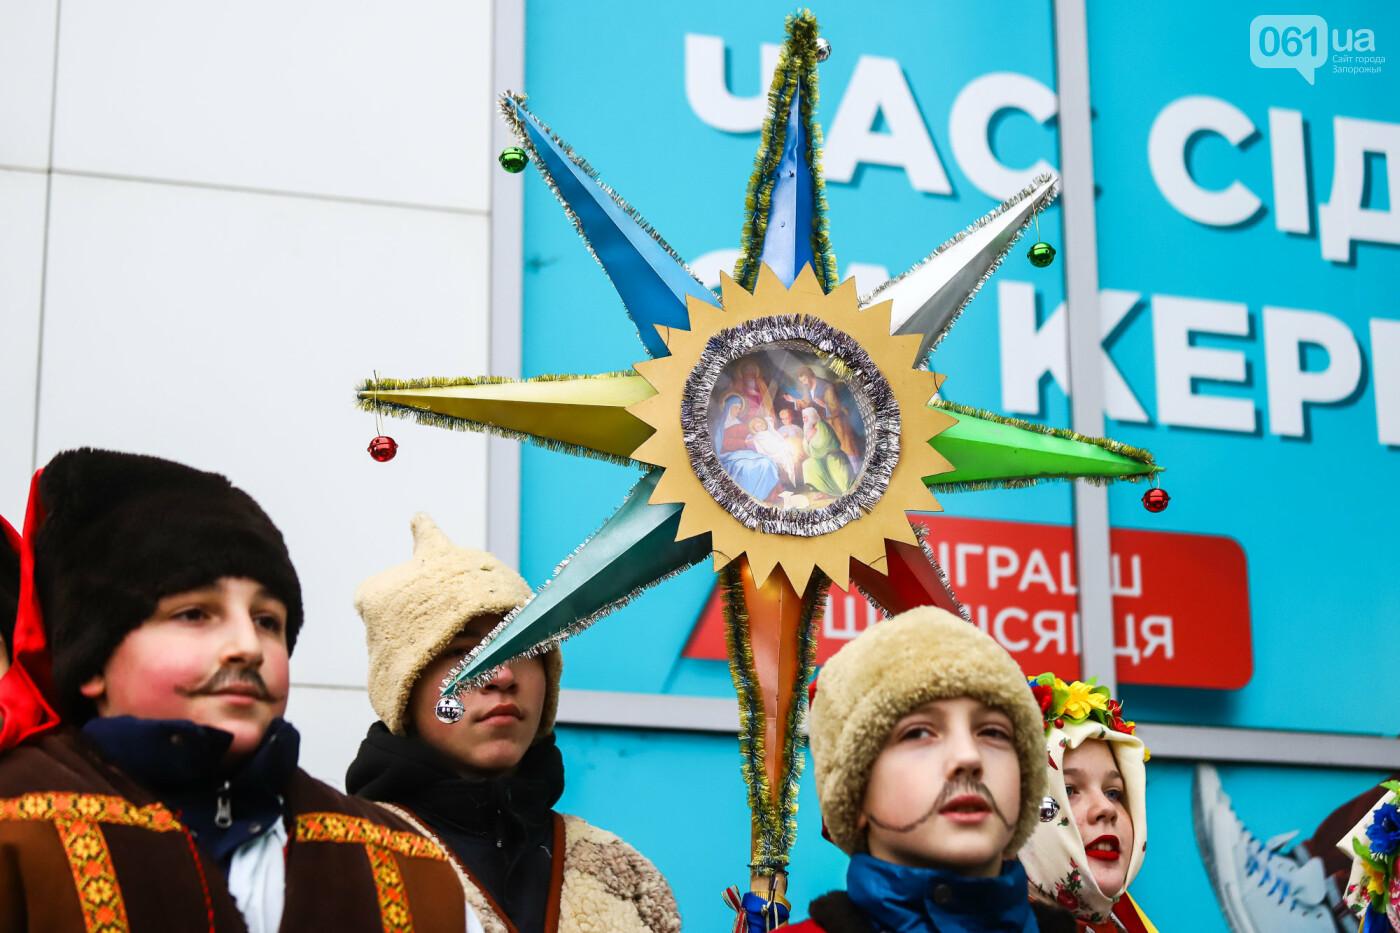 Нечистая сила против казаков: на улицах Запорожья показывали Рождественский вертеп, - ФОТО, ВИДЕО  , фото-24